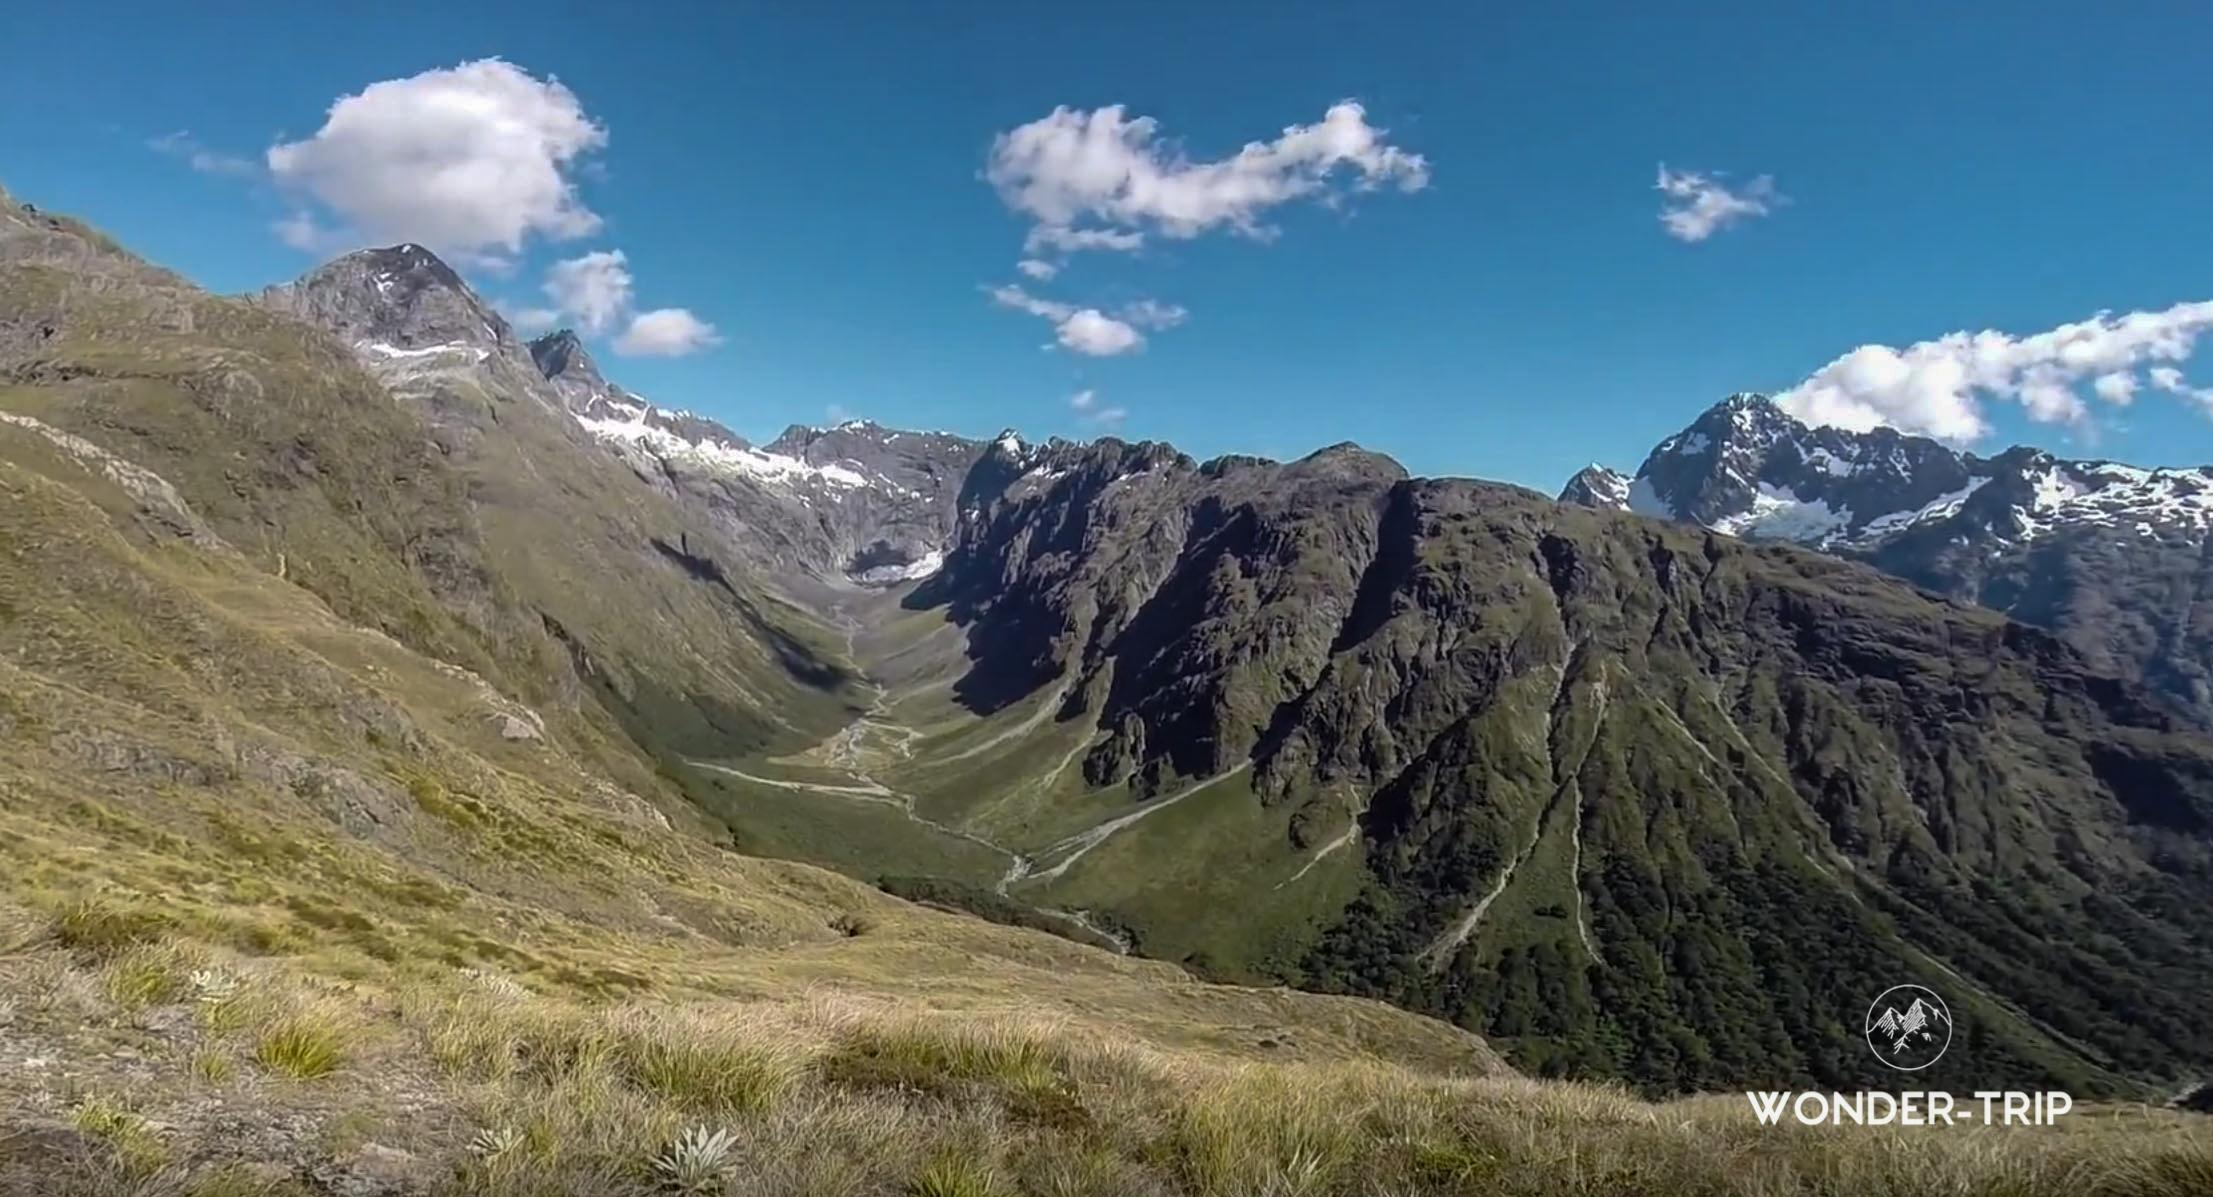 Randonnées parc national Fiordland - Fall creek route